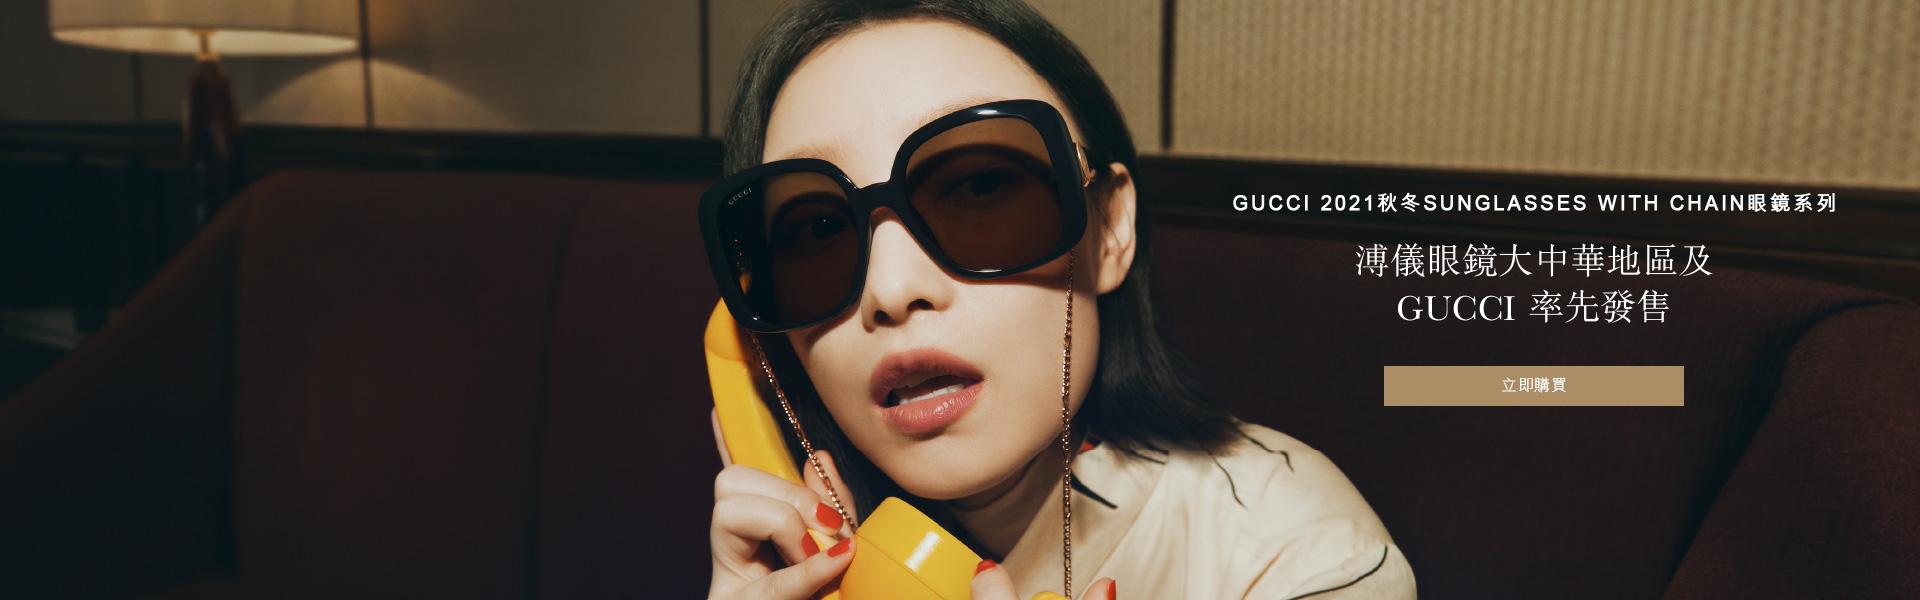 Gucci 2021秋冬SUNGLASSES WITH CHAIN眼鏡系列